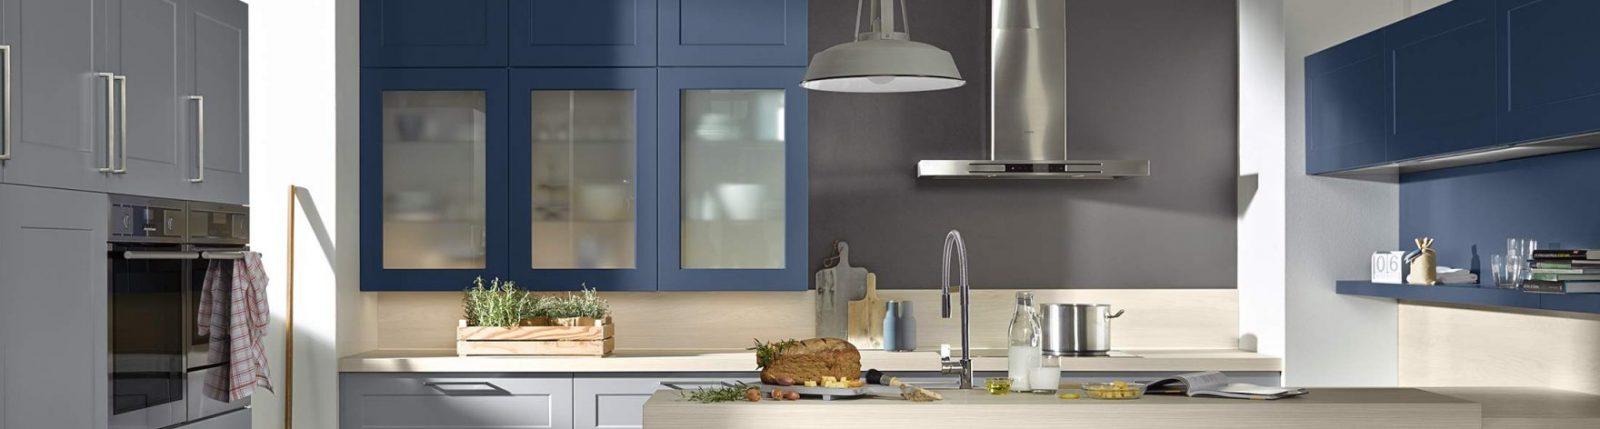 Küchenfuchs Bruchsal  Home von Möbel As Bruchsal Angebote Photo